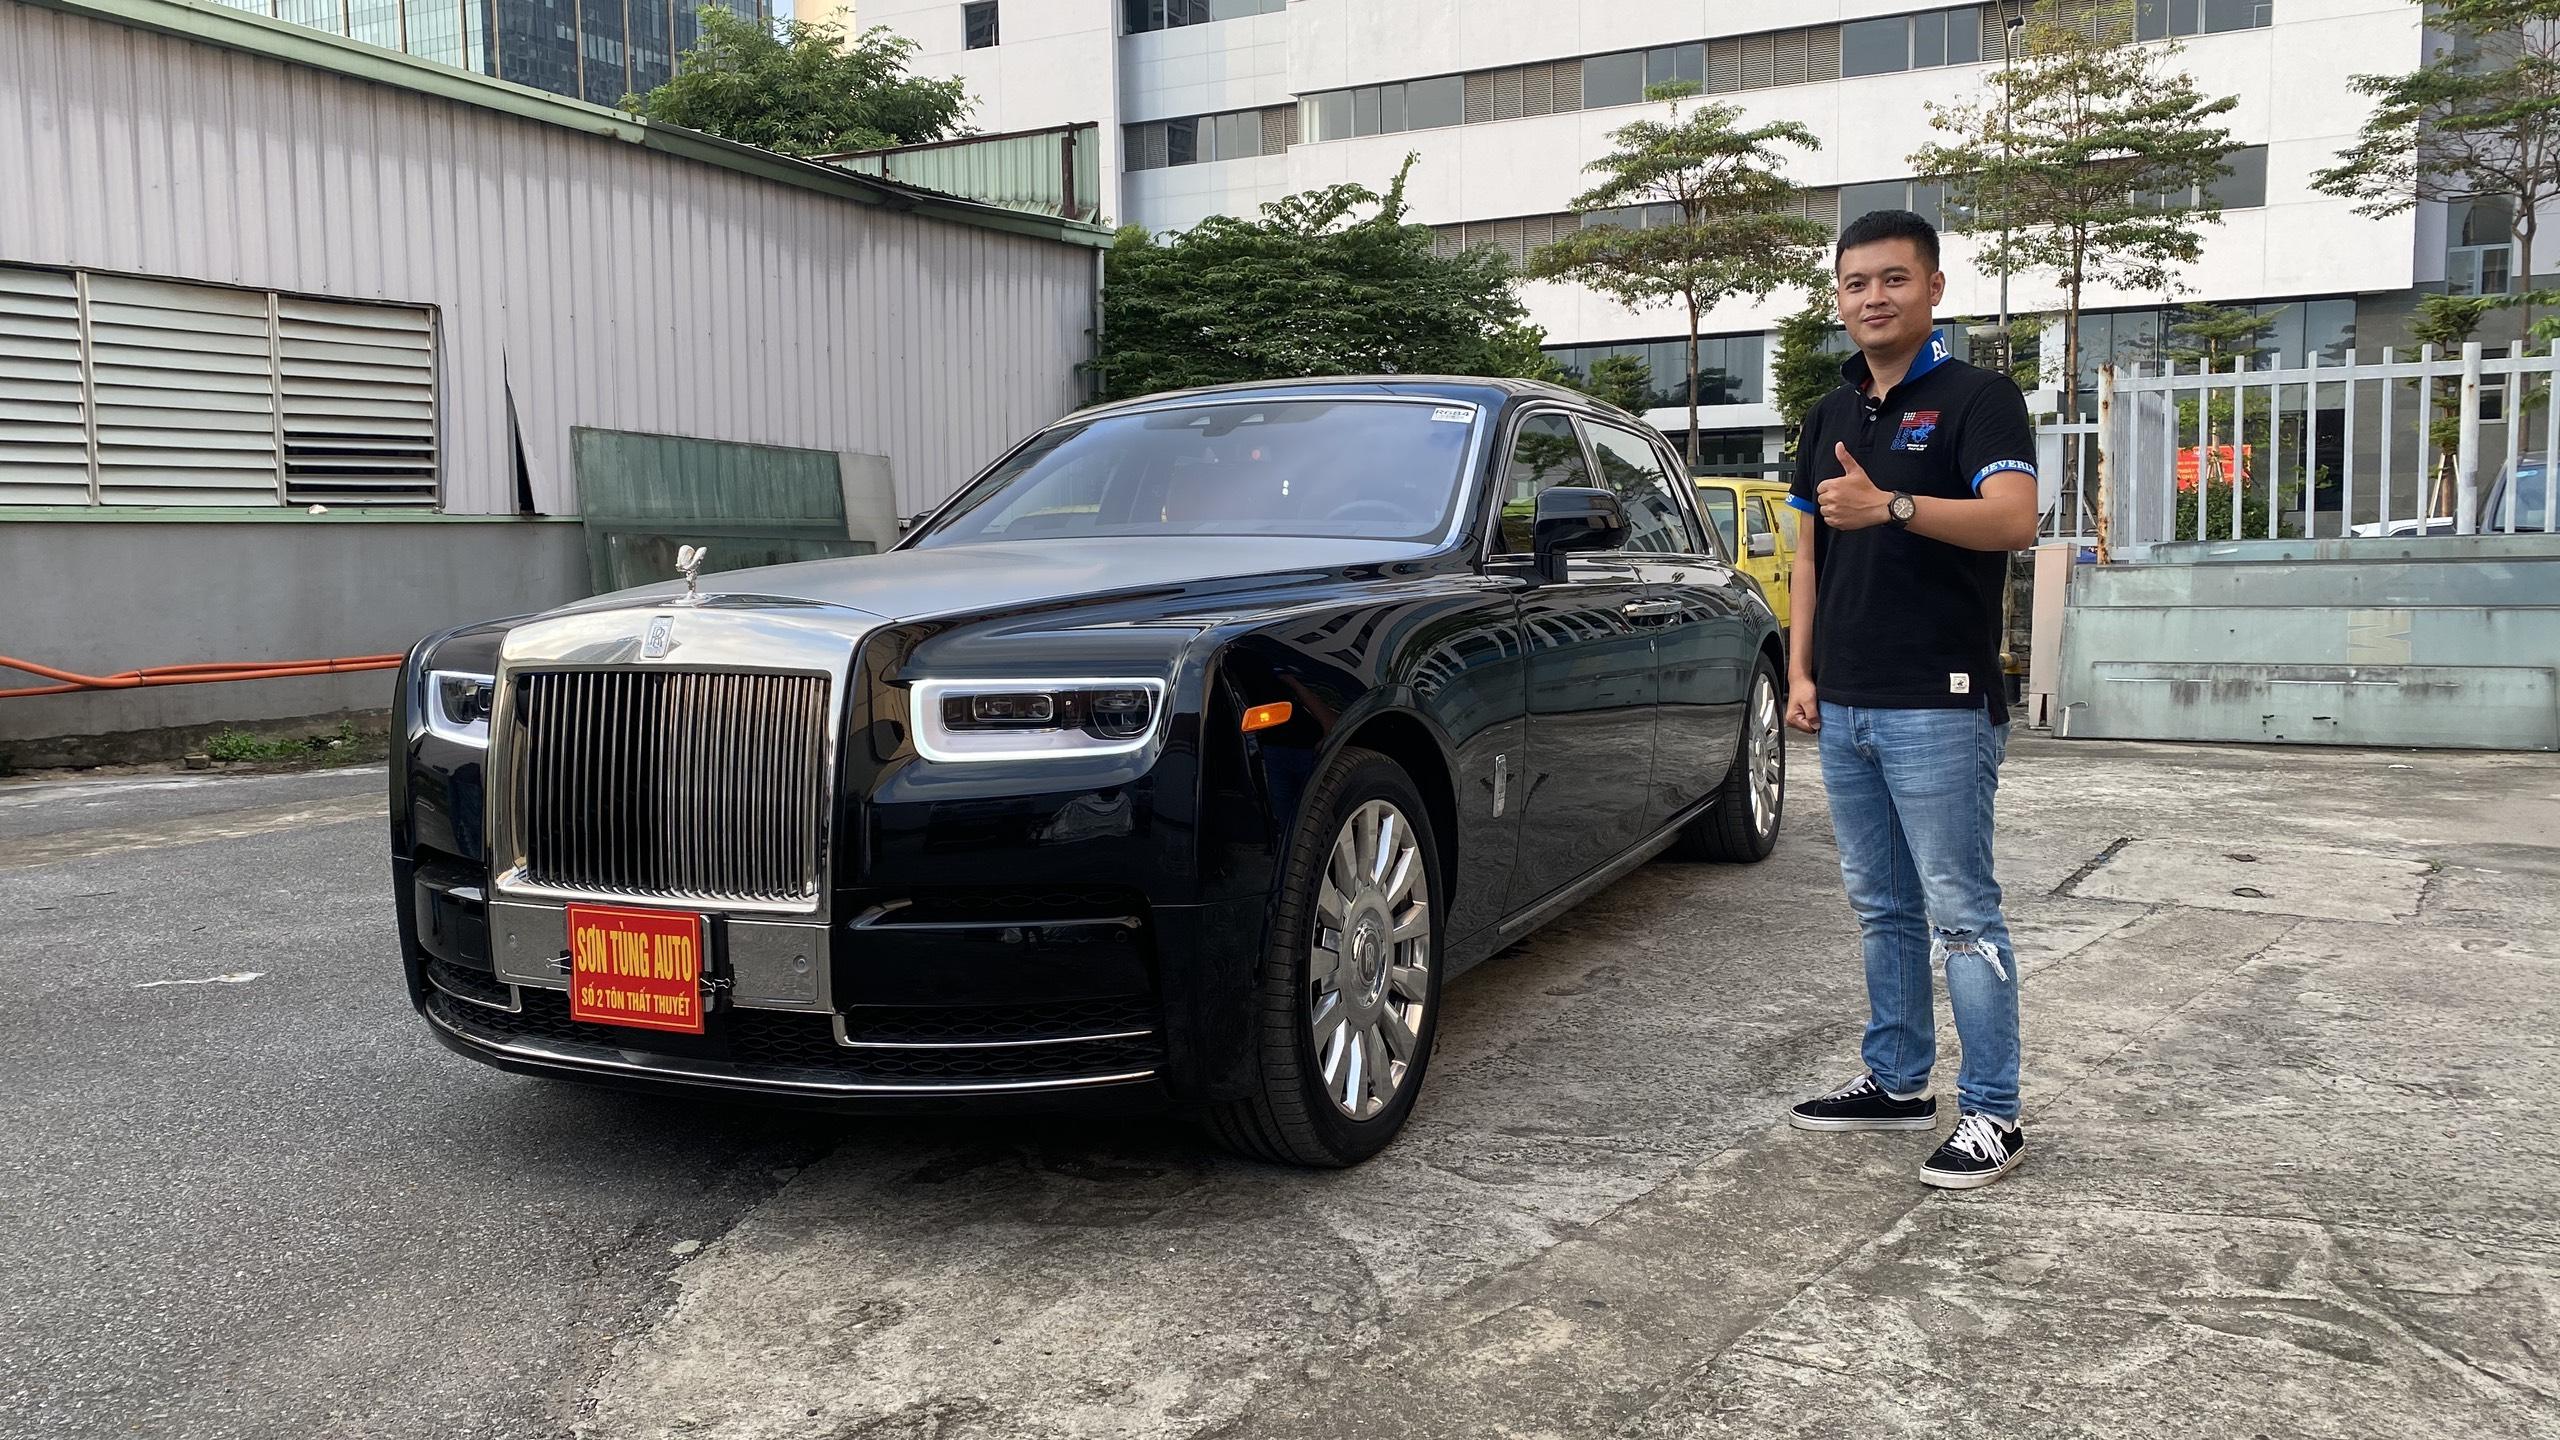 Trải nghiệm nhanh Rolls Royce Phantom 8 hơn 70 tỷ nội thất phong cách Hermes